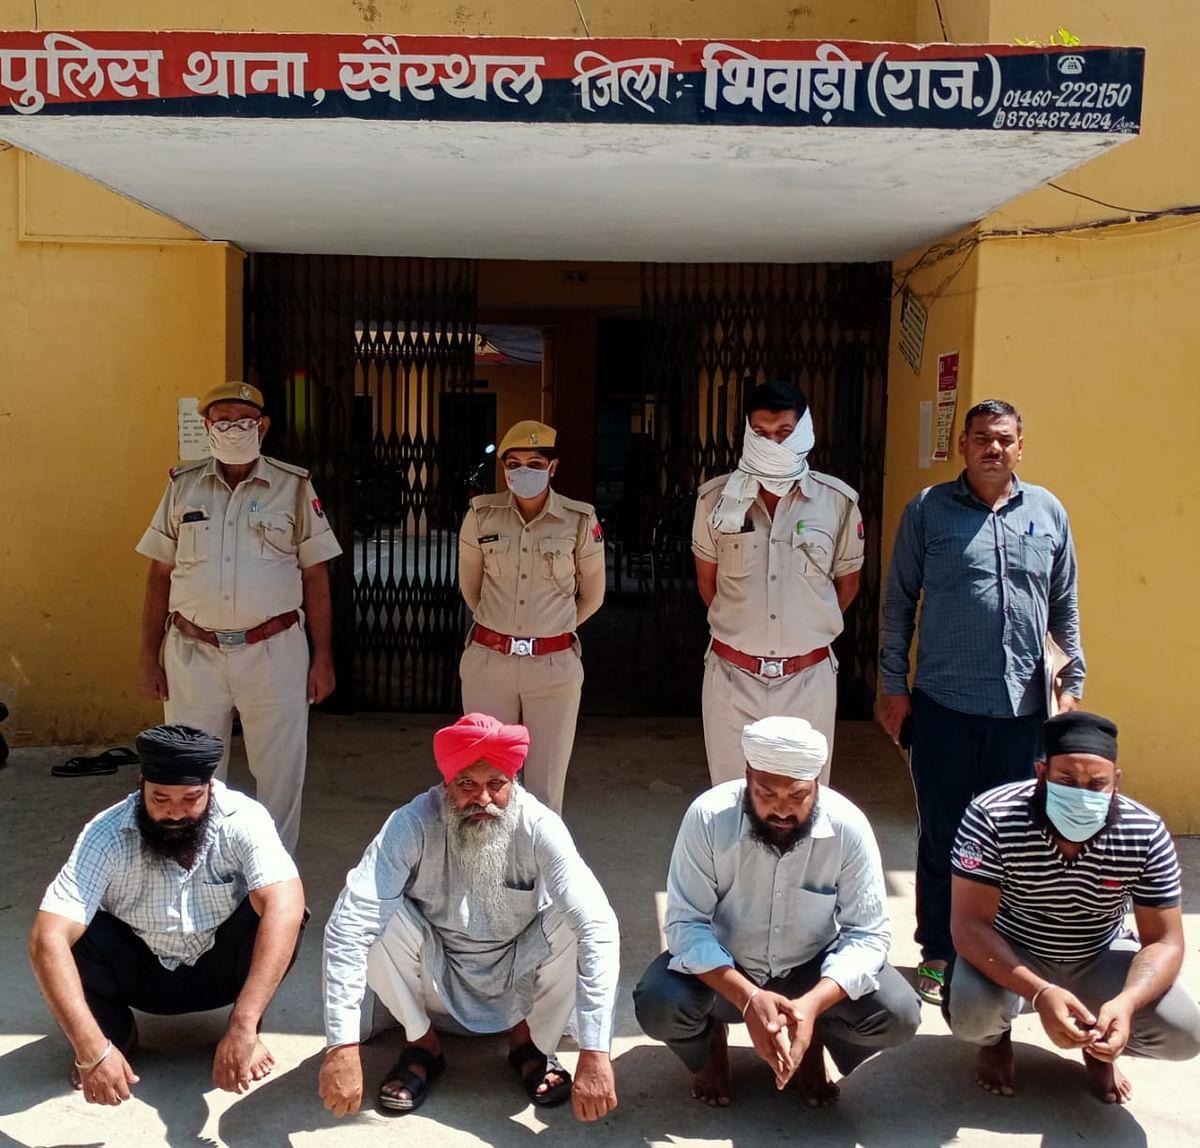 धोखाधड़ी करने के मामले में पूर्व पार्षद व सरपंच पति सहित चार आरोपी गिरफ्तार